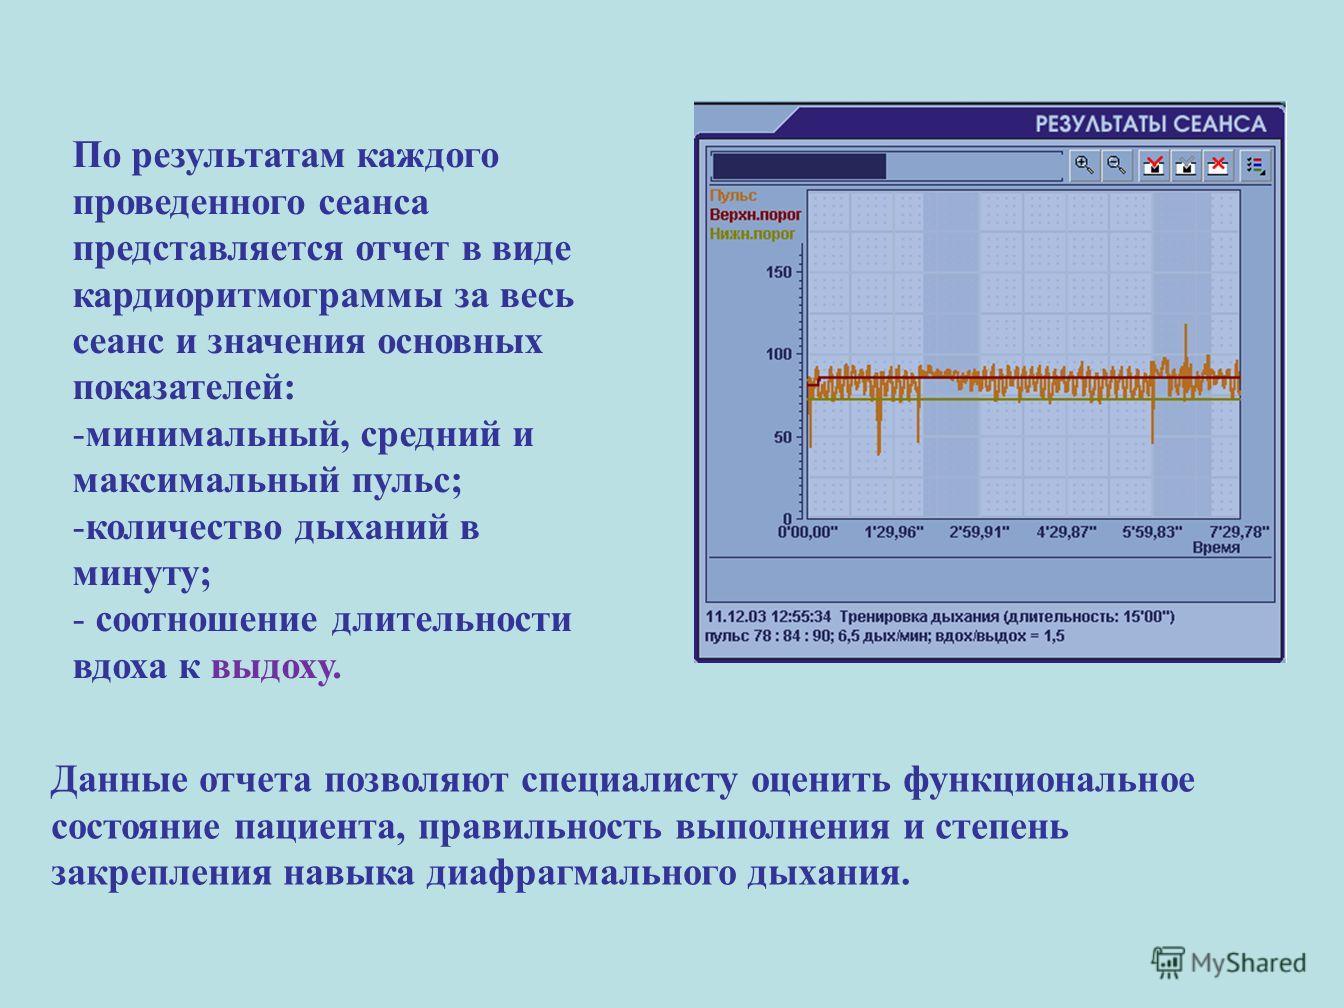 По результатам каждого проведенного сеанса представляется отчет в виде кардиоритмограммы за весь сеанс и значения основных показателей: -минимальный, средний и максимальный пульс; -количество дыханий в минуту; - соотношение длительности вдоха к выдох